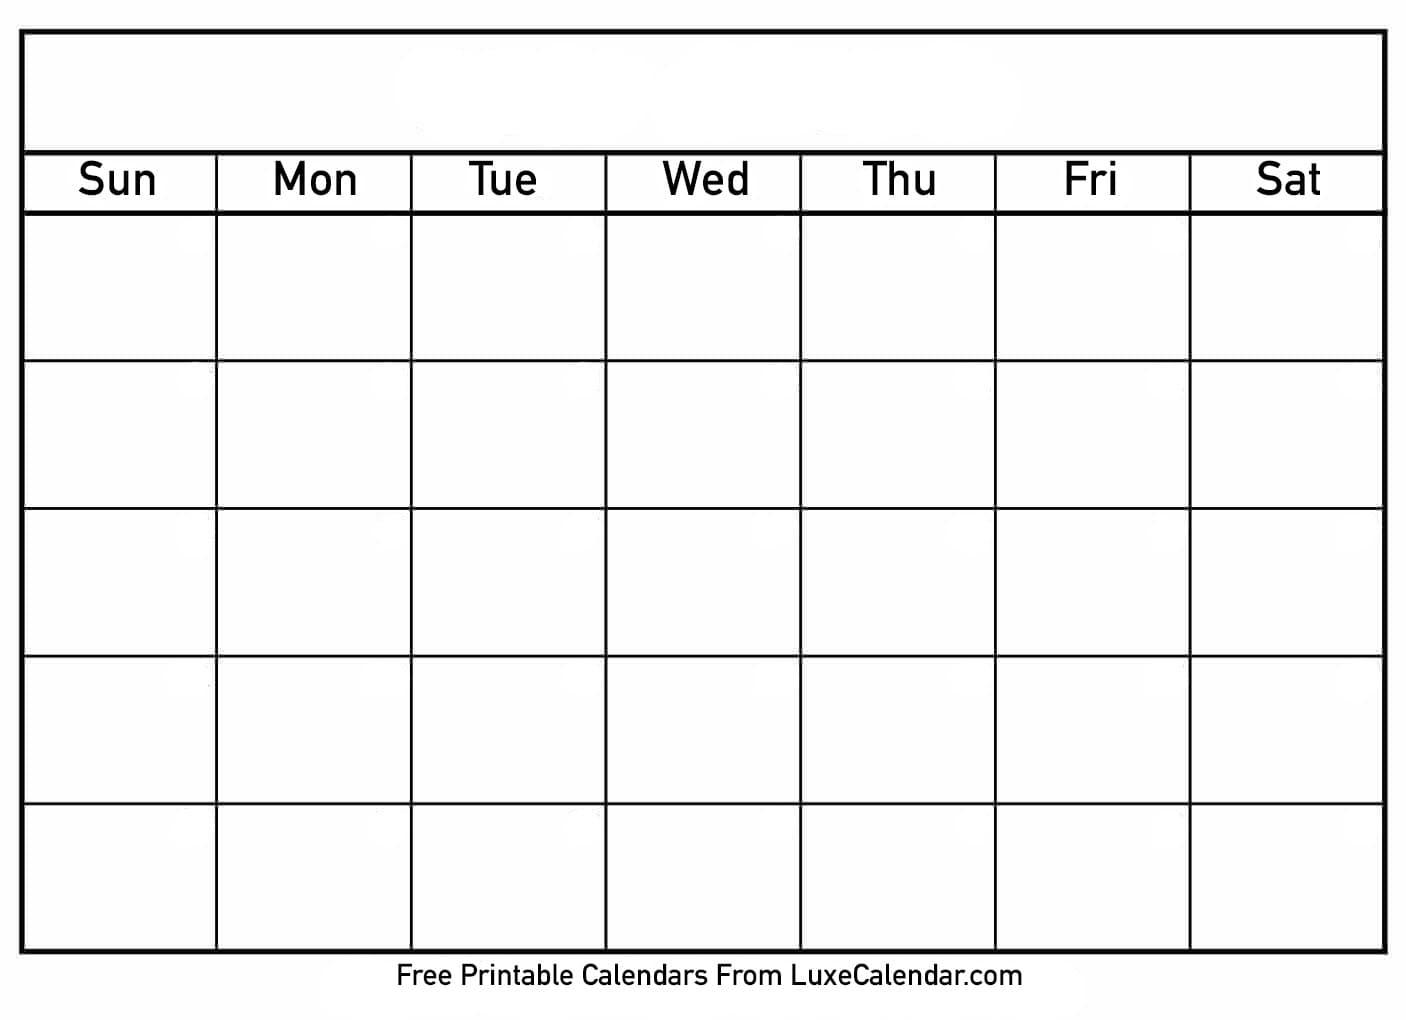 Blank Printable Calendar - Luxe Calendar throughout Fill In Blank Calendar Templates